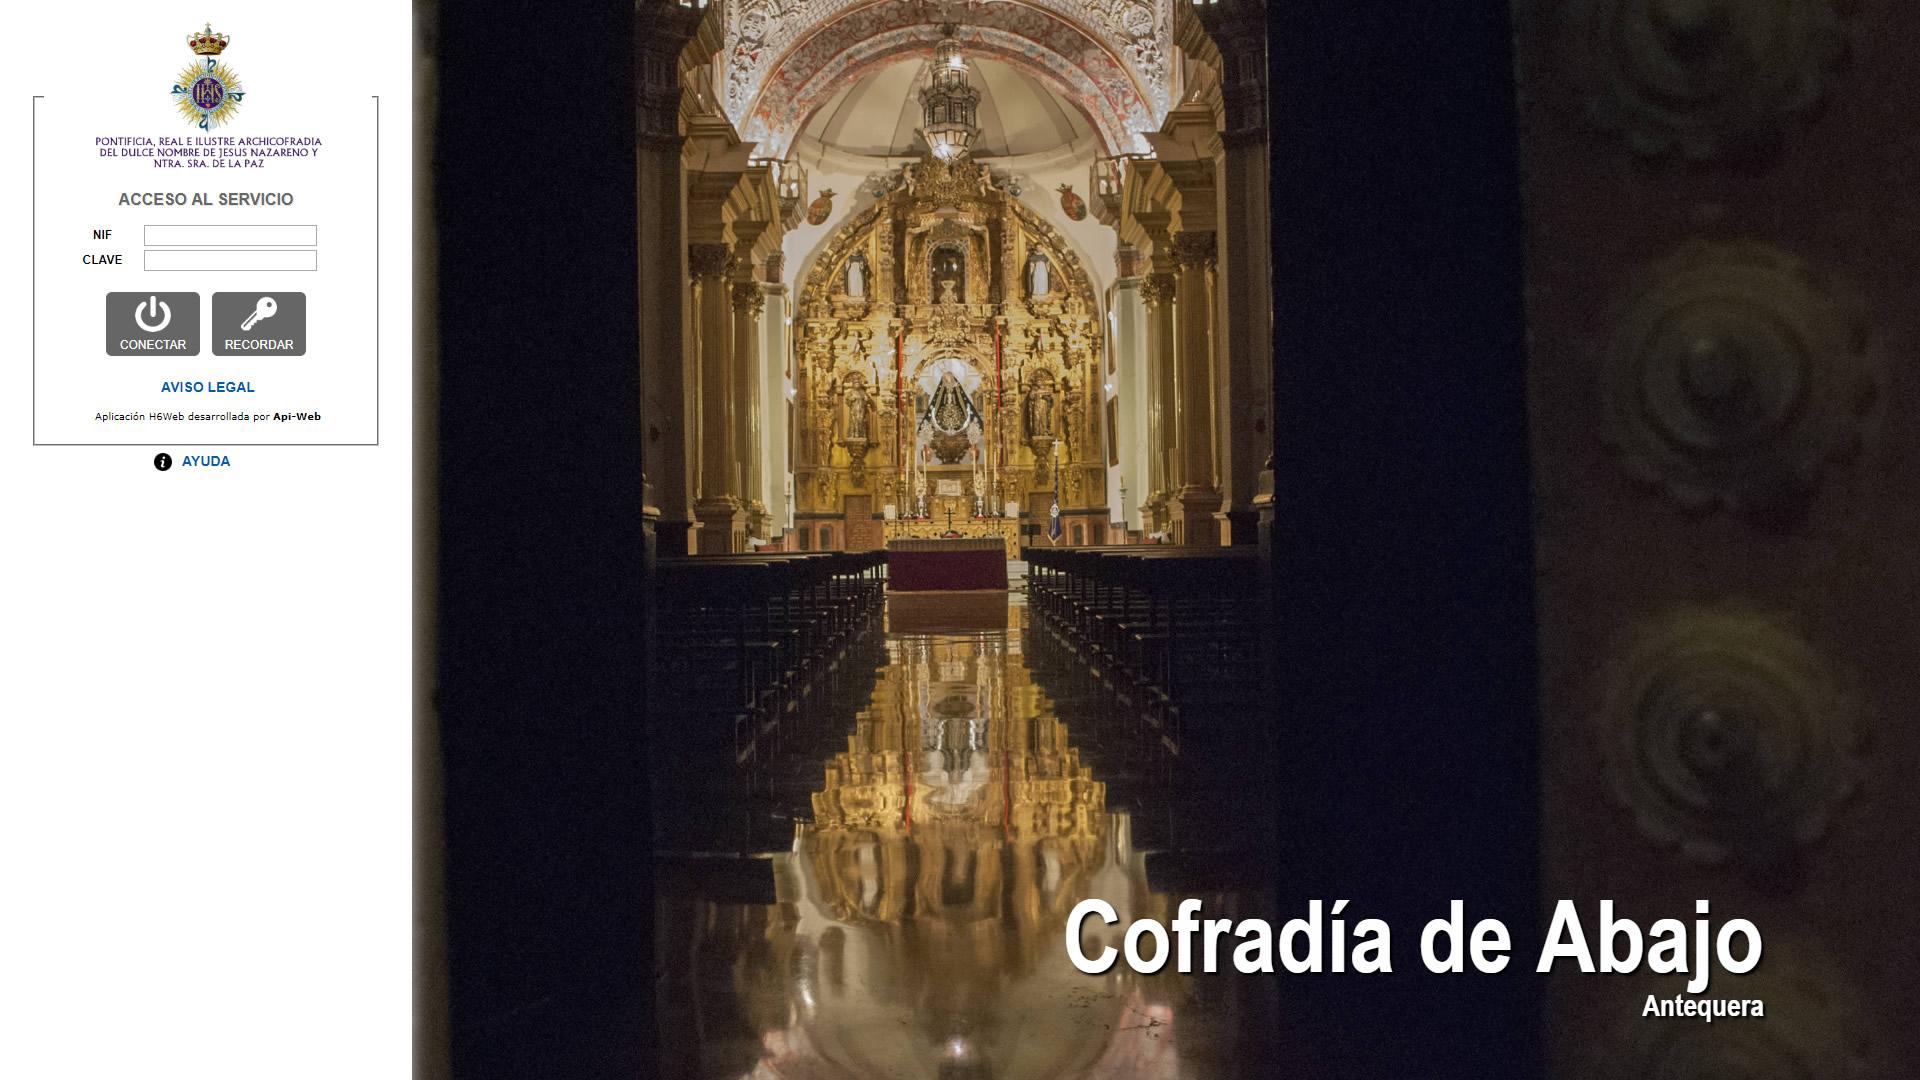 H6Web: Cofradía de Abajo (Antequera)